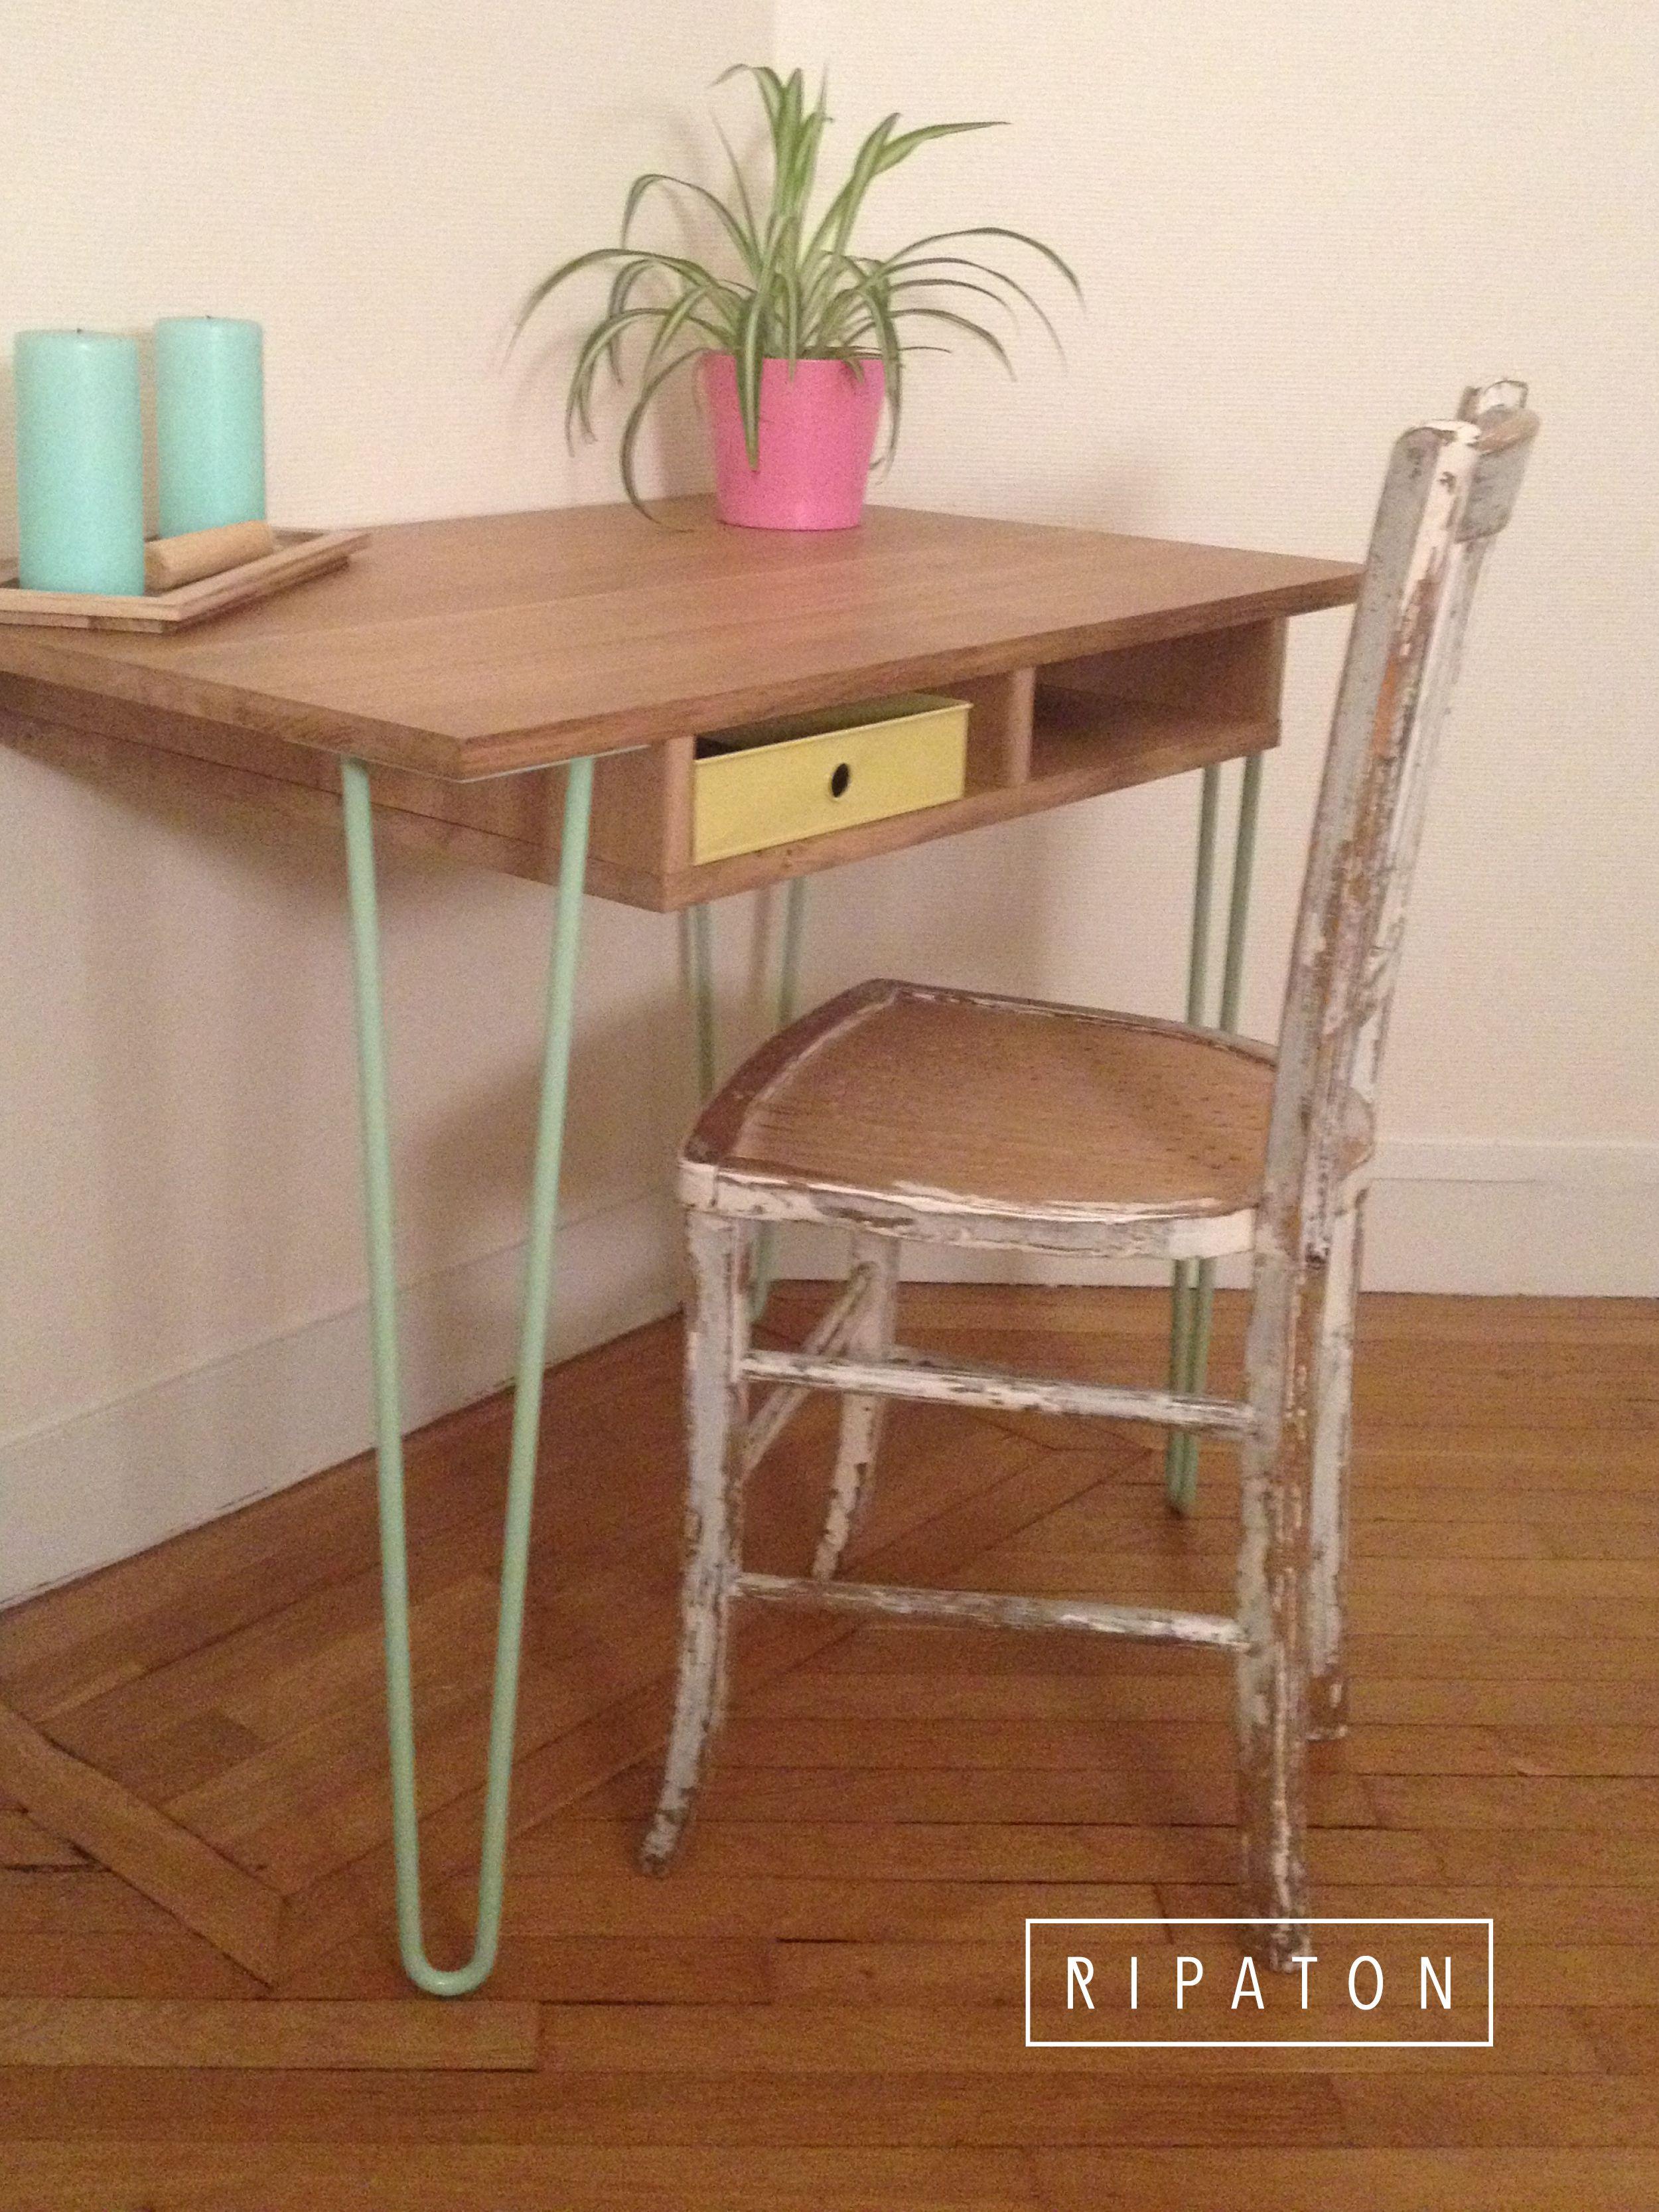 Petit bureau par aude ripaton diy meuble furniture petit bureau par aude ripaton diy meuble furniture solutioingenieria Gallery